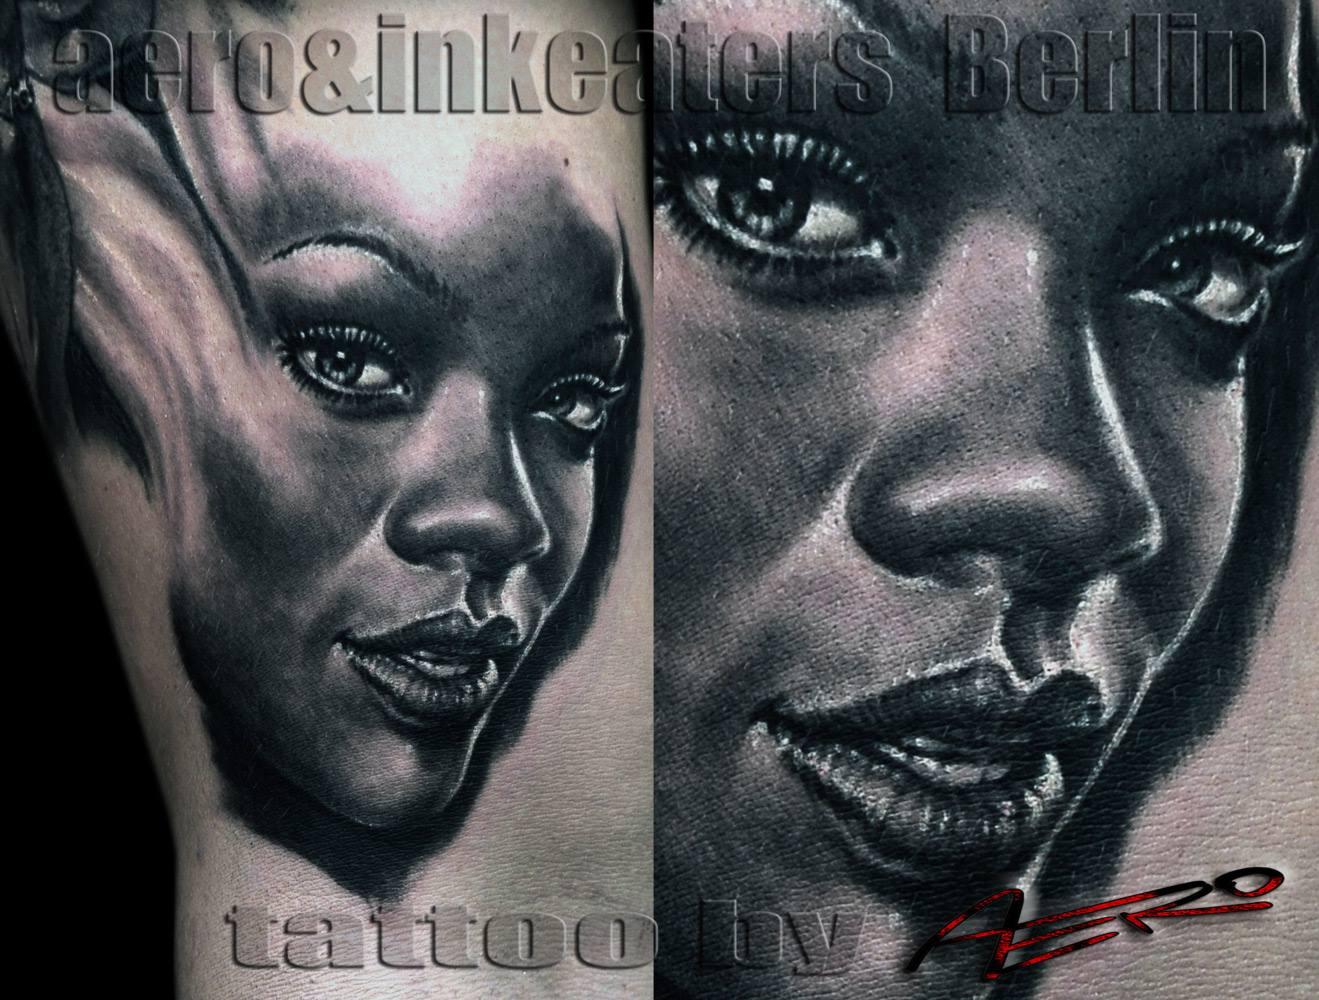 Tattoo von einem weiblichen geschminkten Gesicht.